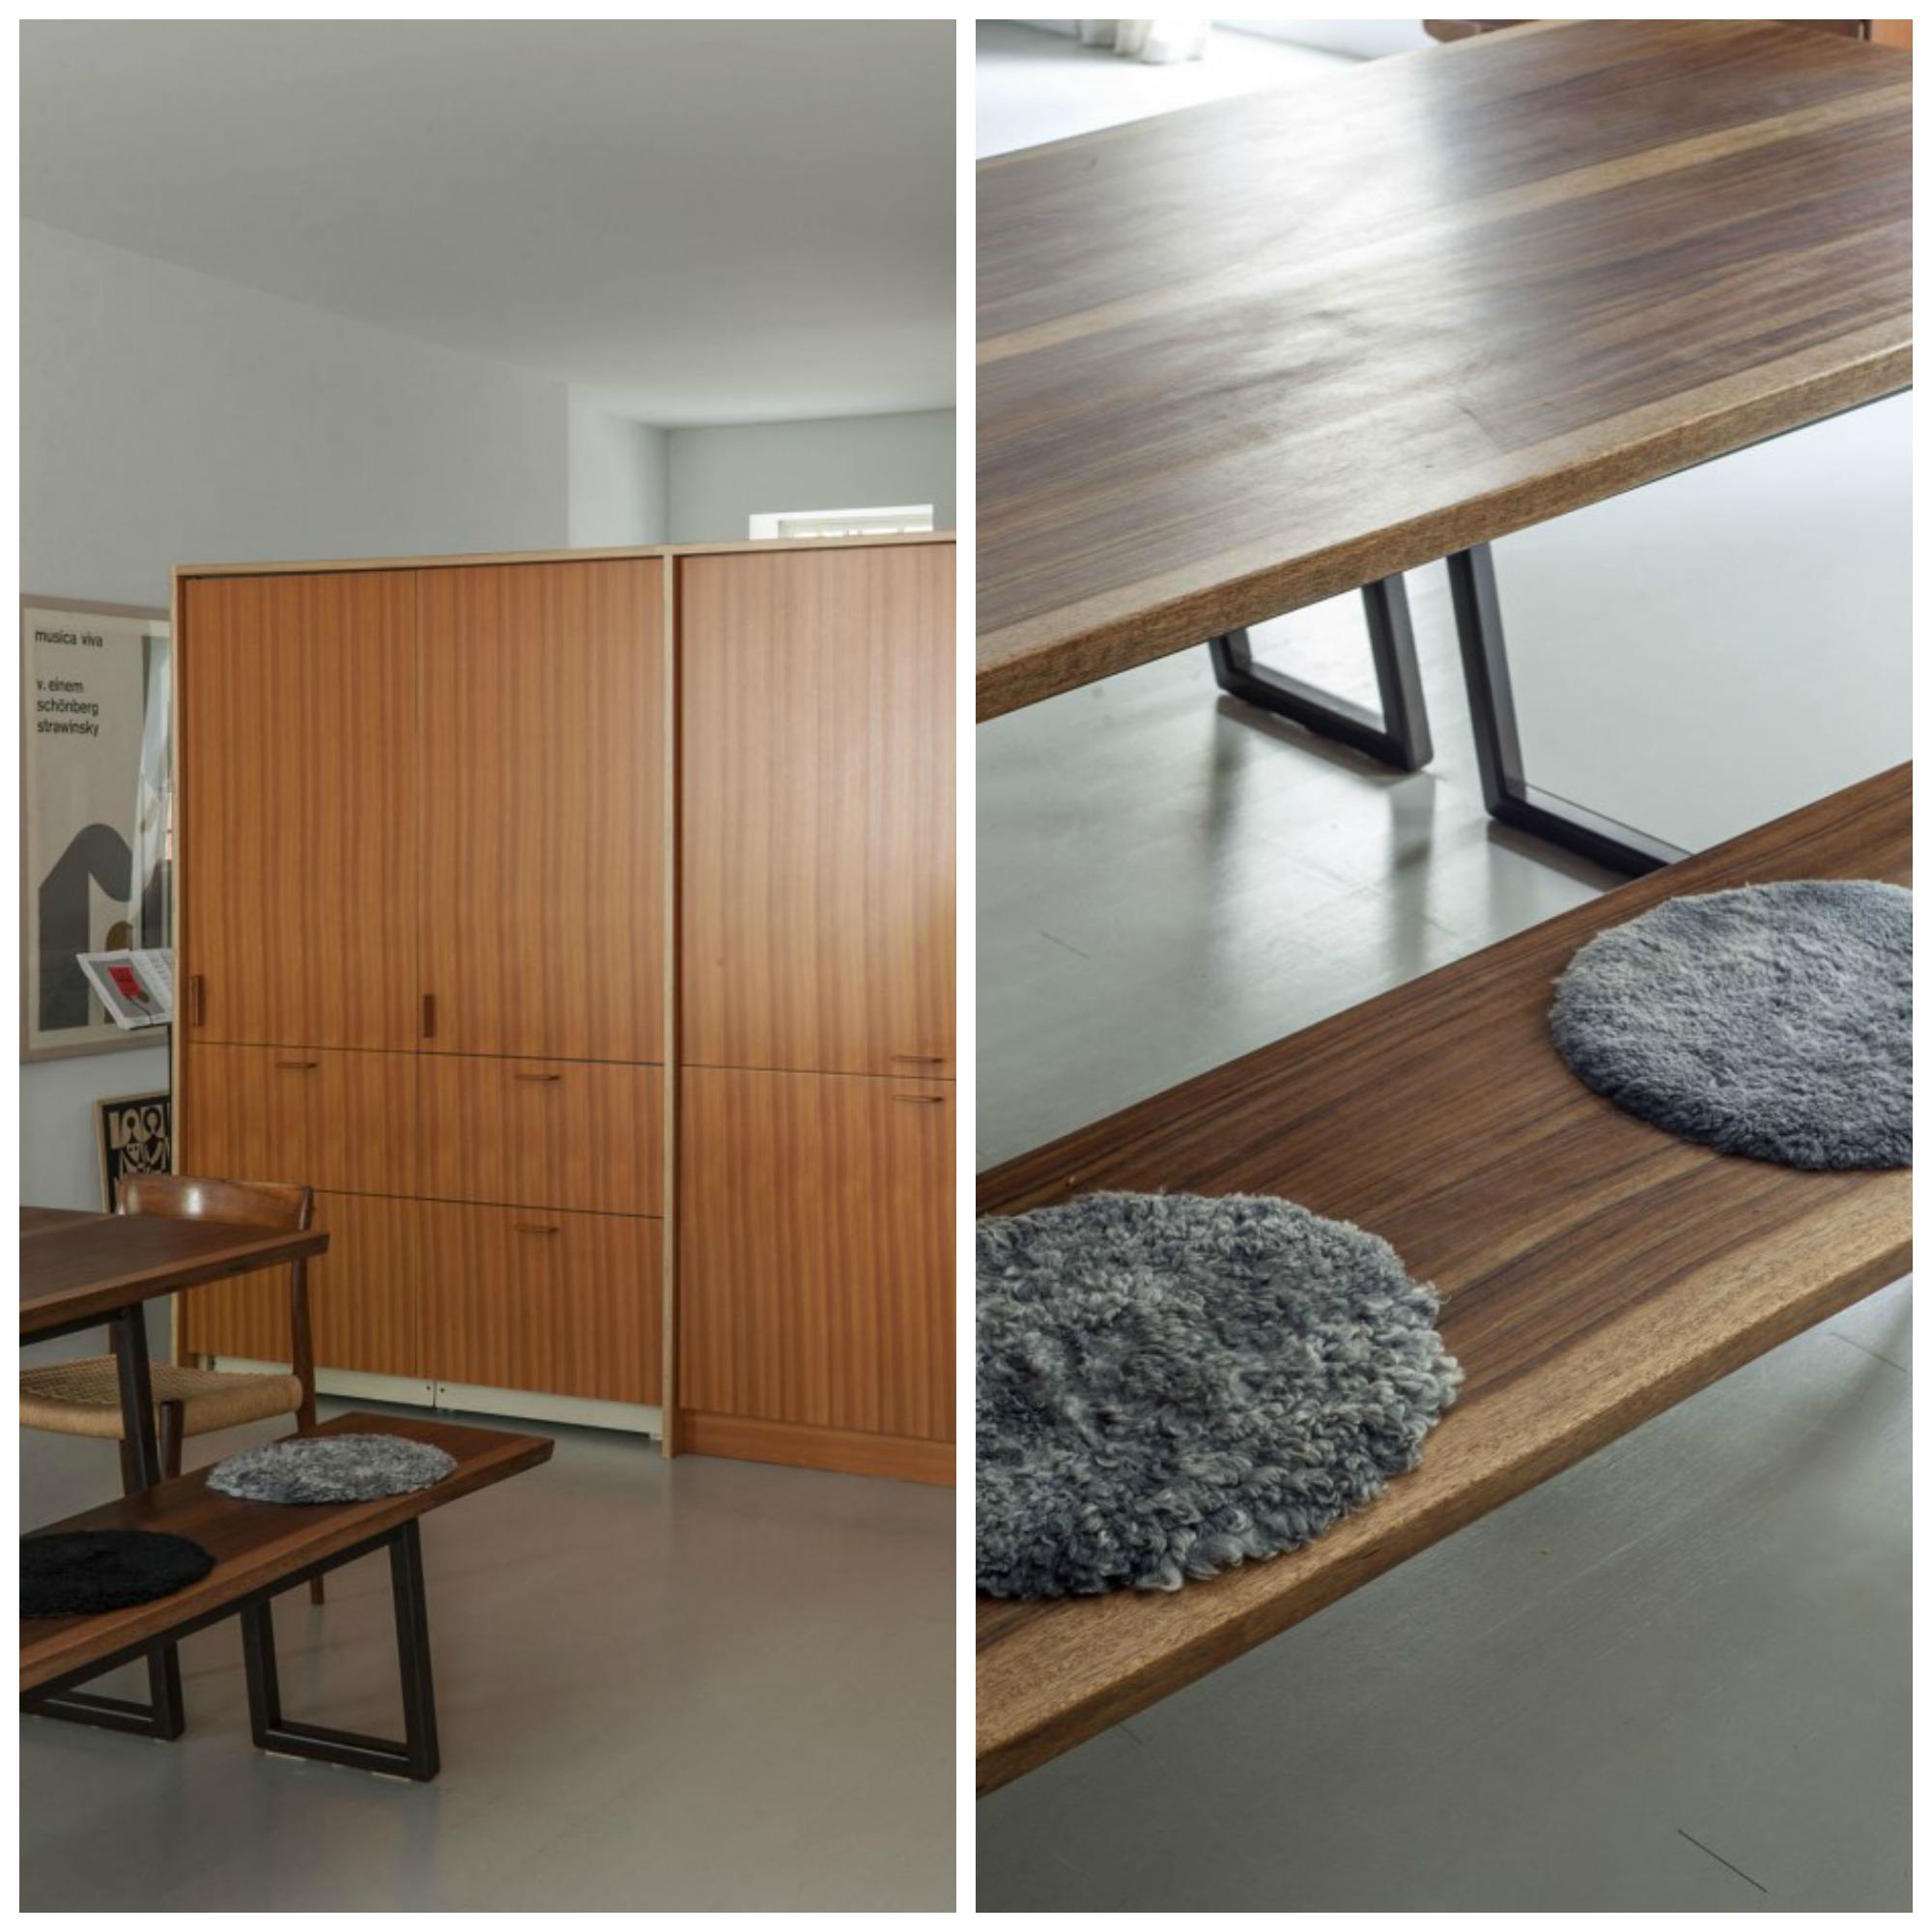 Muebles n rdicos en la cocina nola for Muebles nordicos